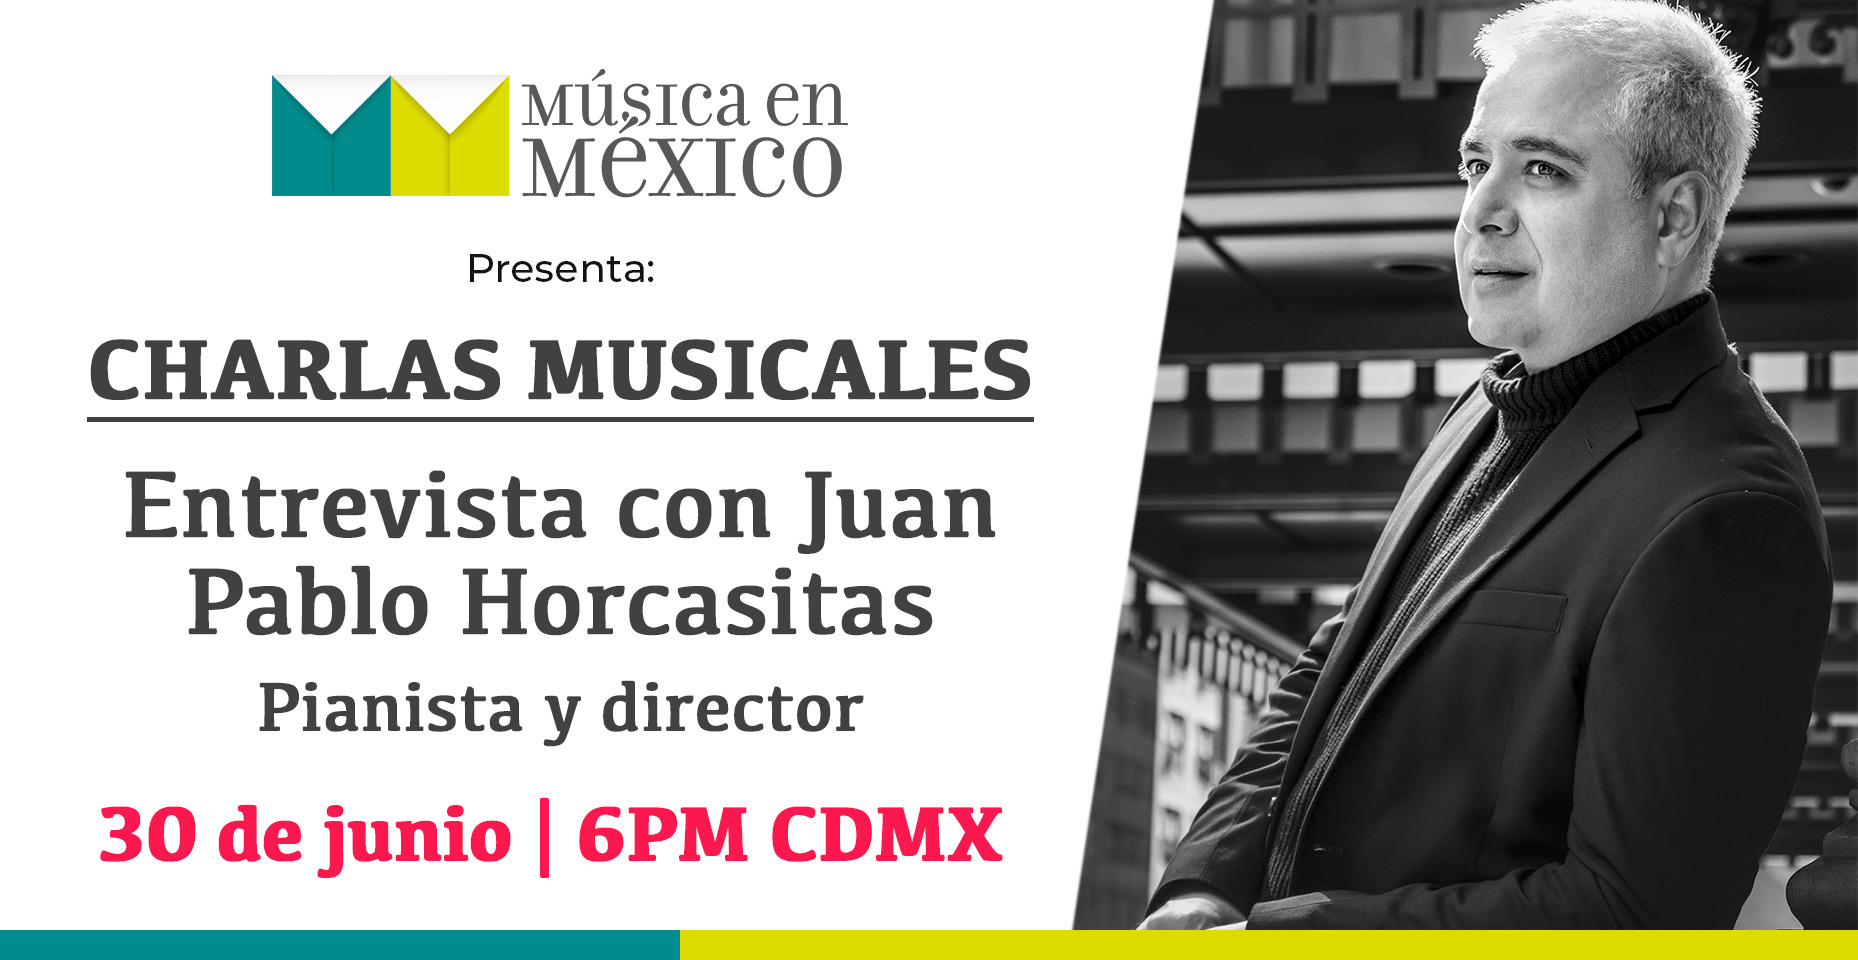 Juan Pablo Horcasitas